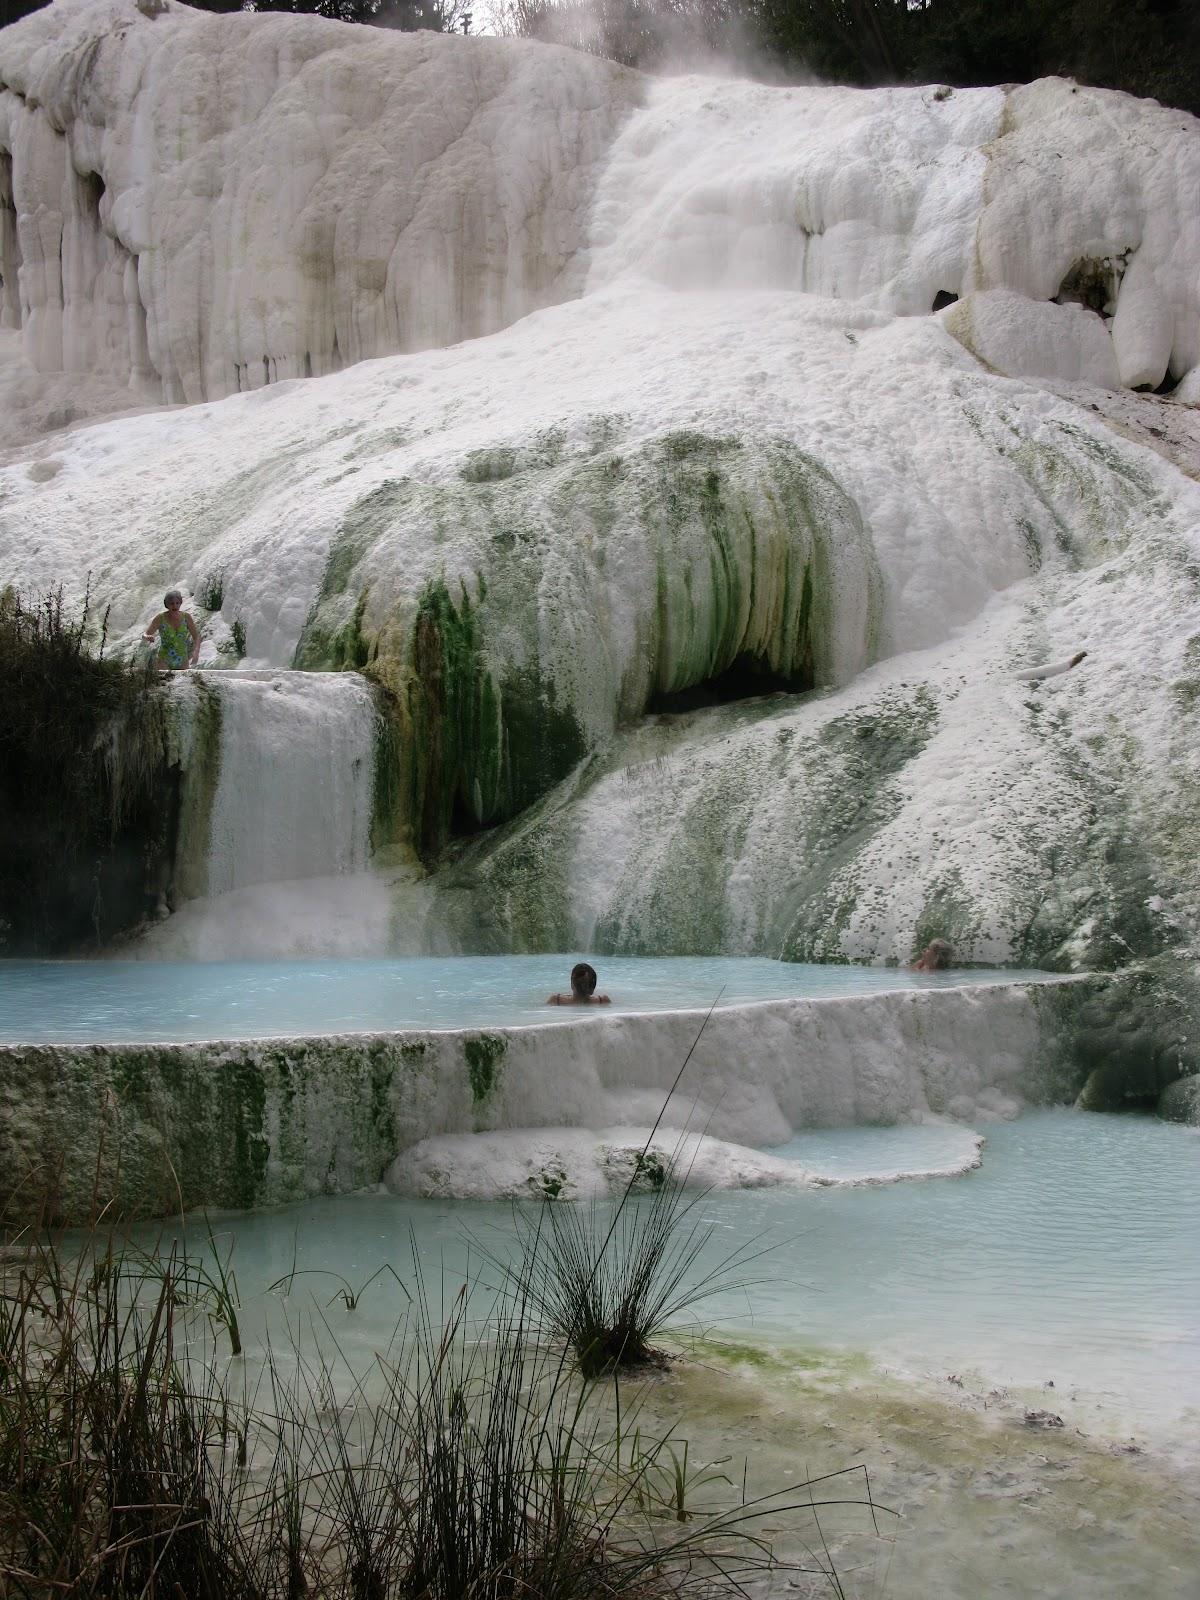 3 mooiste thermen en spa's in de regio Val D'Orcia (Siena) - Italie. Boek een vakantiehuis in deze regio bij Italian Residence